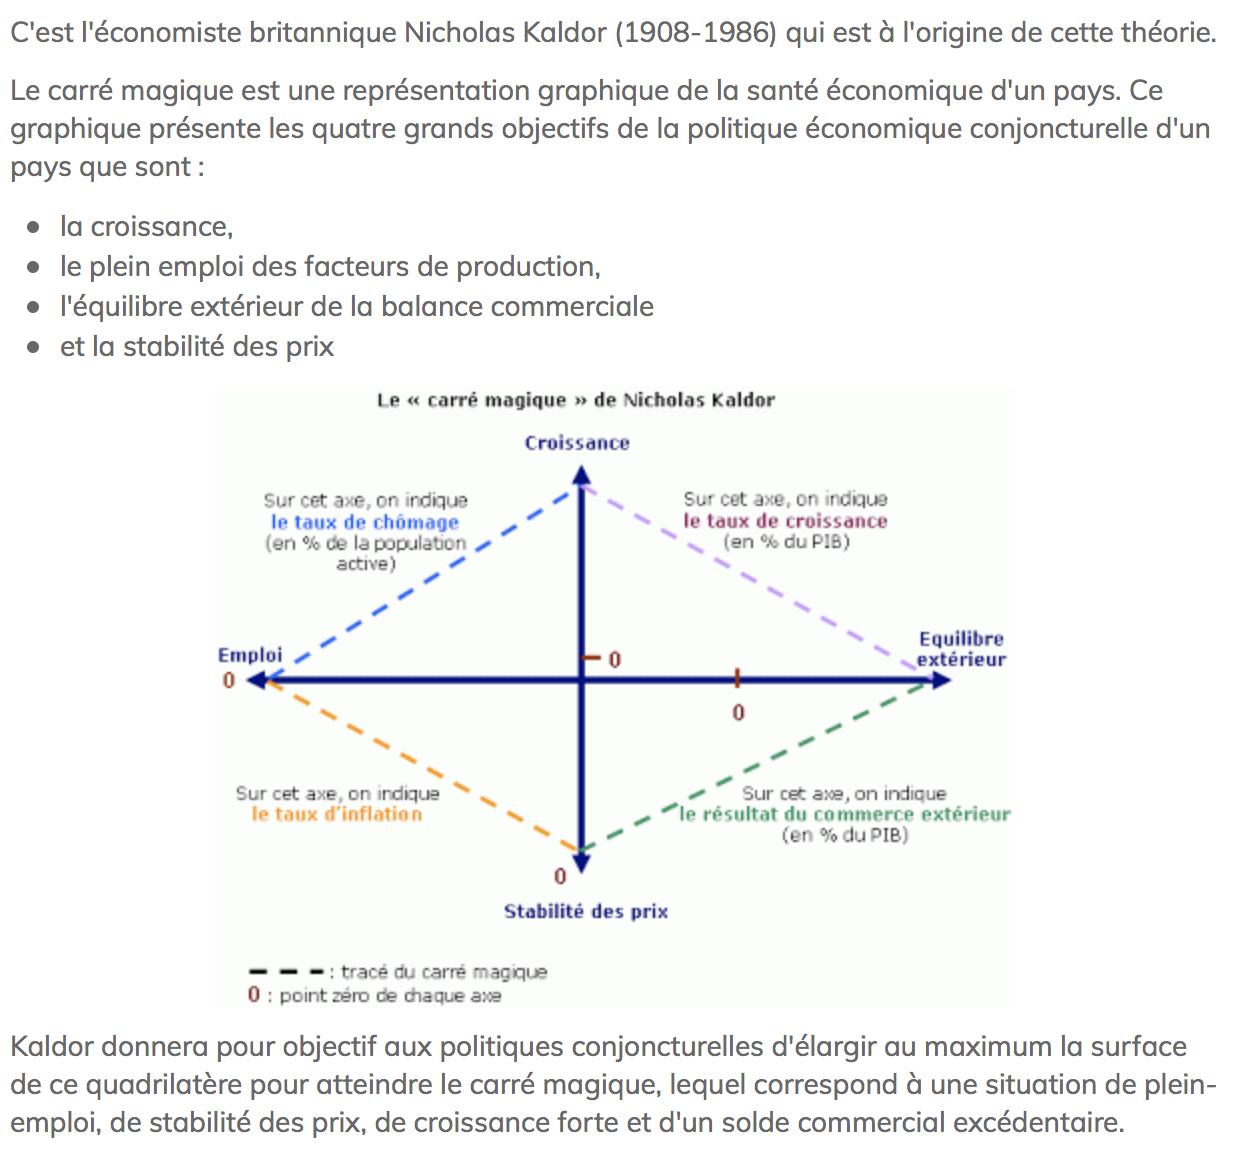 Ch6 Les Politiques Economiques De L Etat Decouvrir Qvgdm Economie Gestion J Apprends Differemment